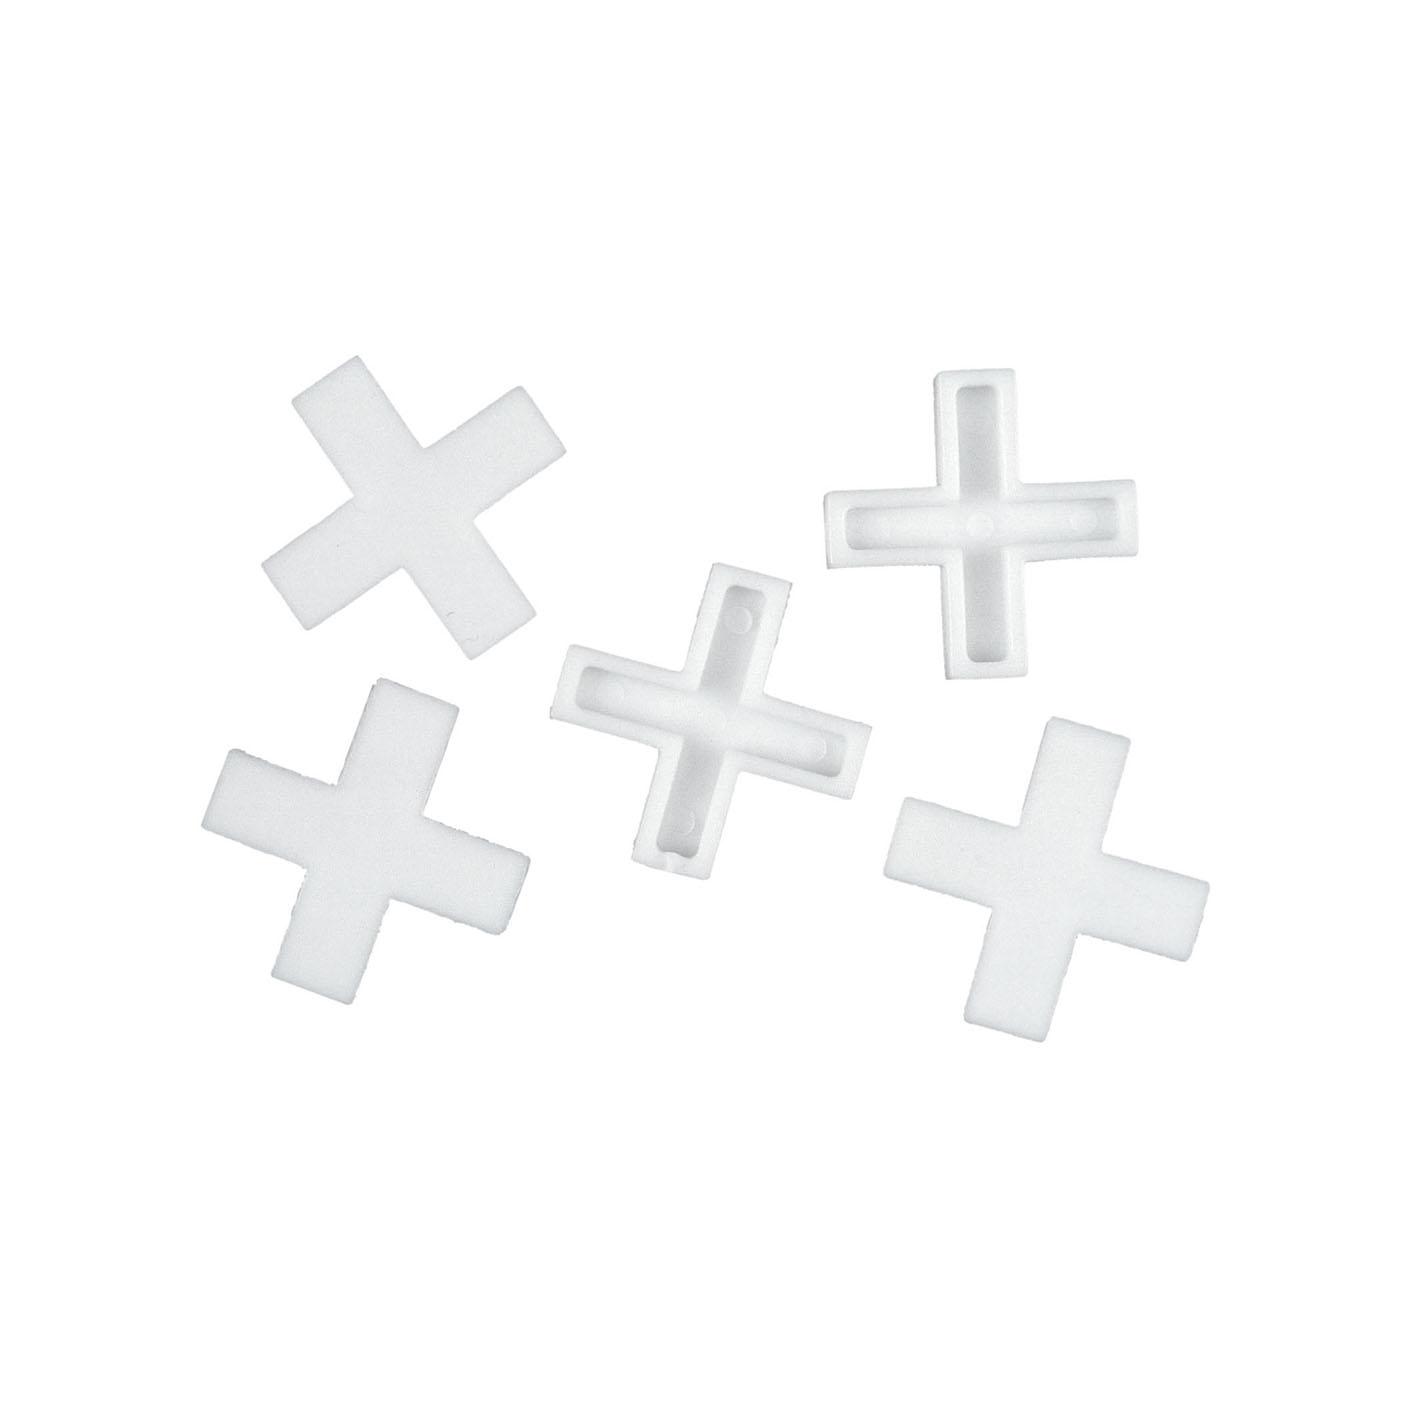 CROCETTExPIASTR. 2,5MM pz200